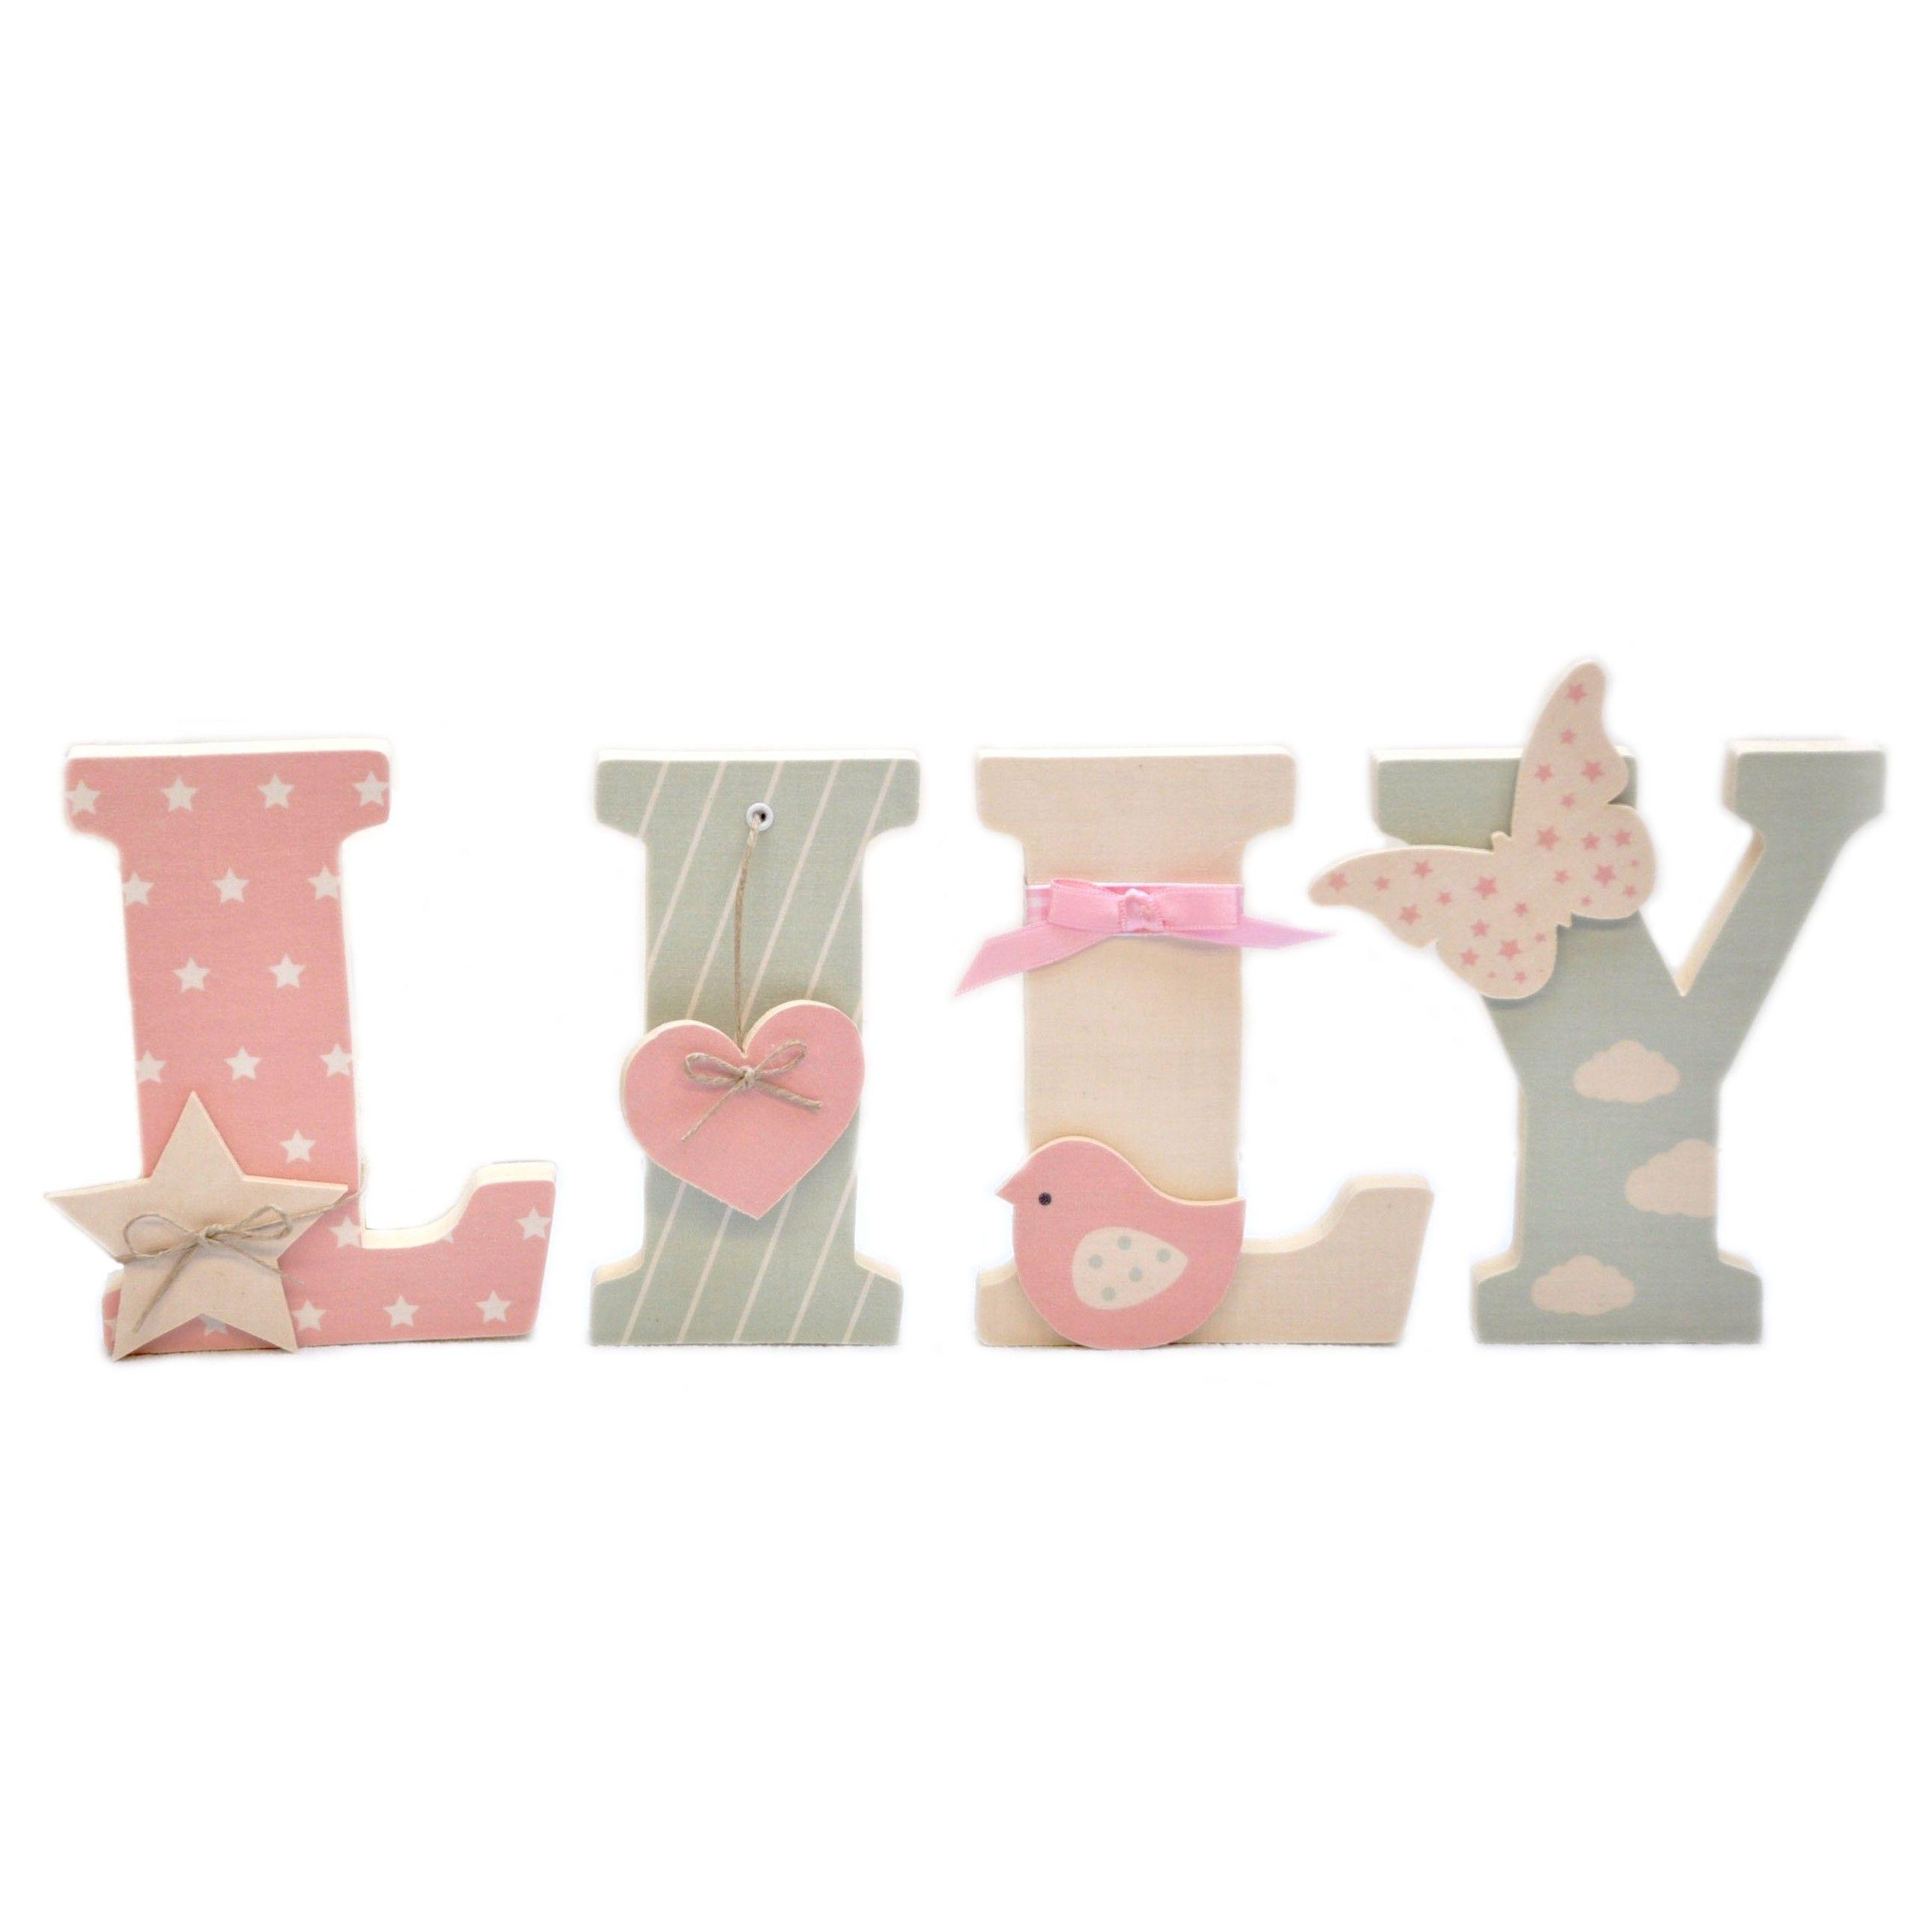 Lettre en bois et tissu pour chambre de fille et b b pr nom lily ideecreation chambre b b - Lily rose prenom ...